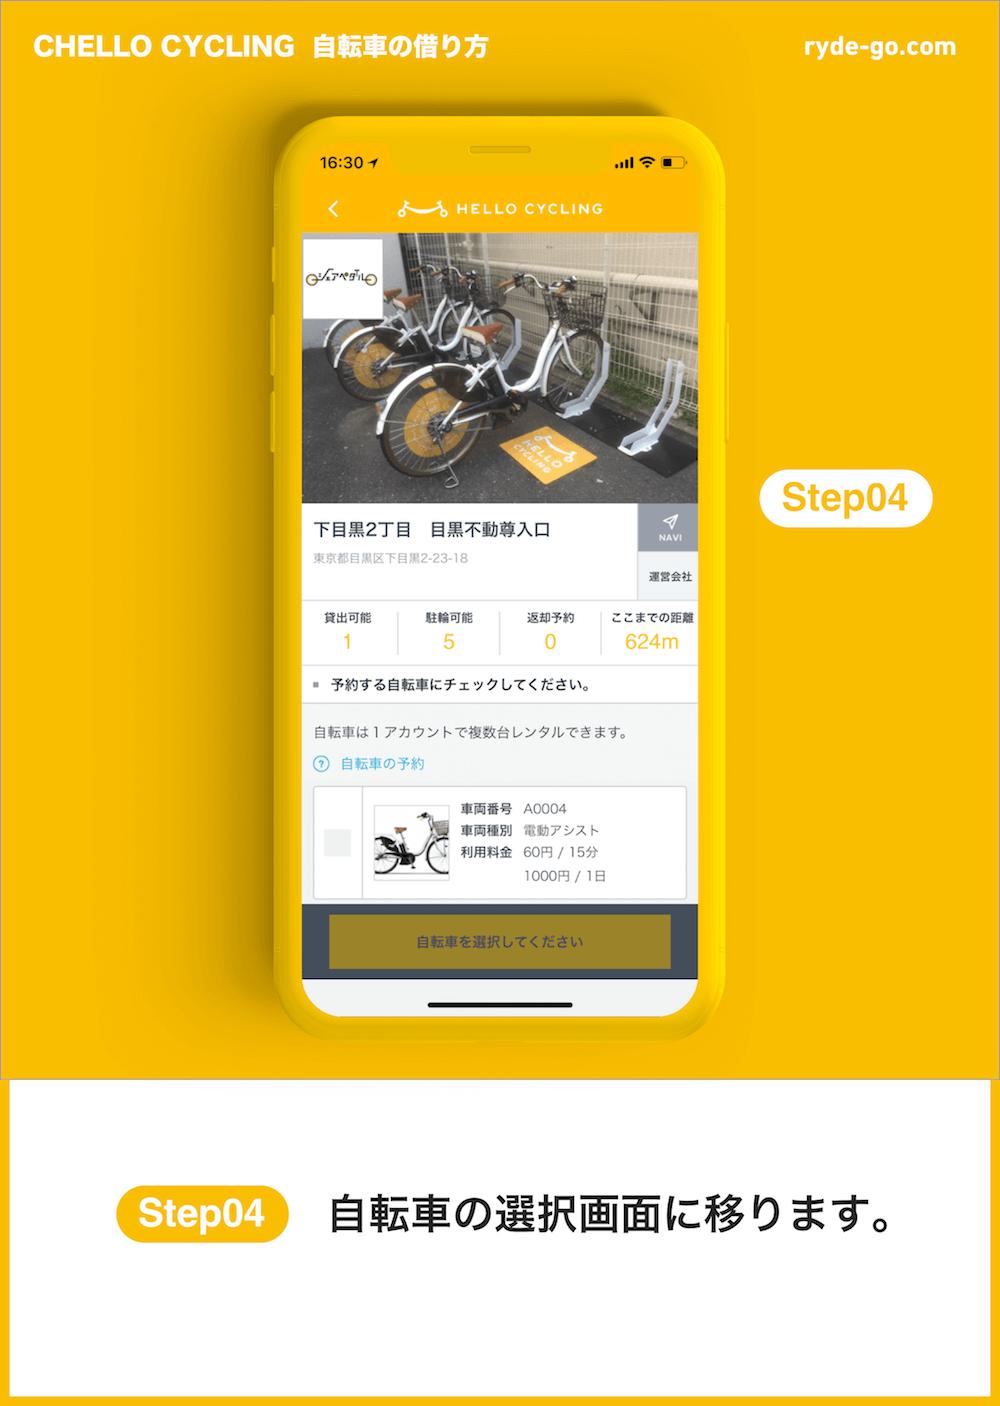 ハローサイクリング 自転車の選択画面に移る